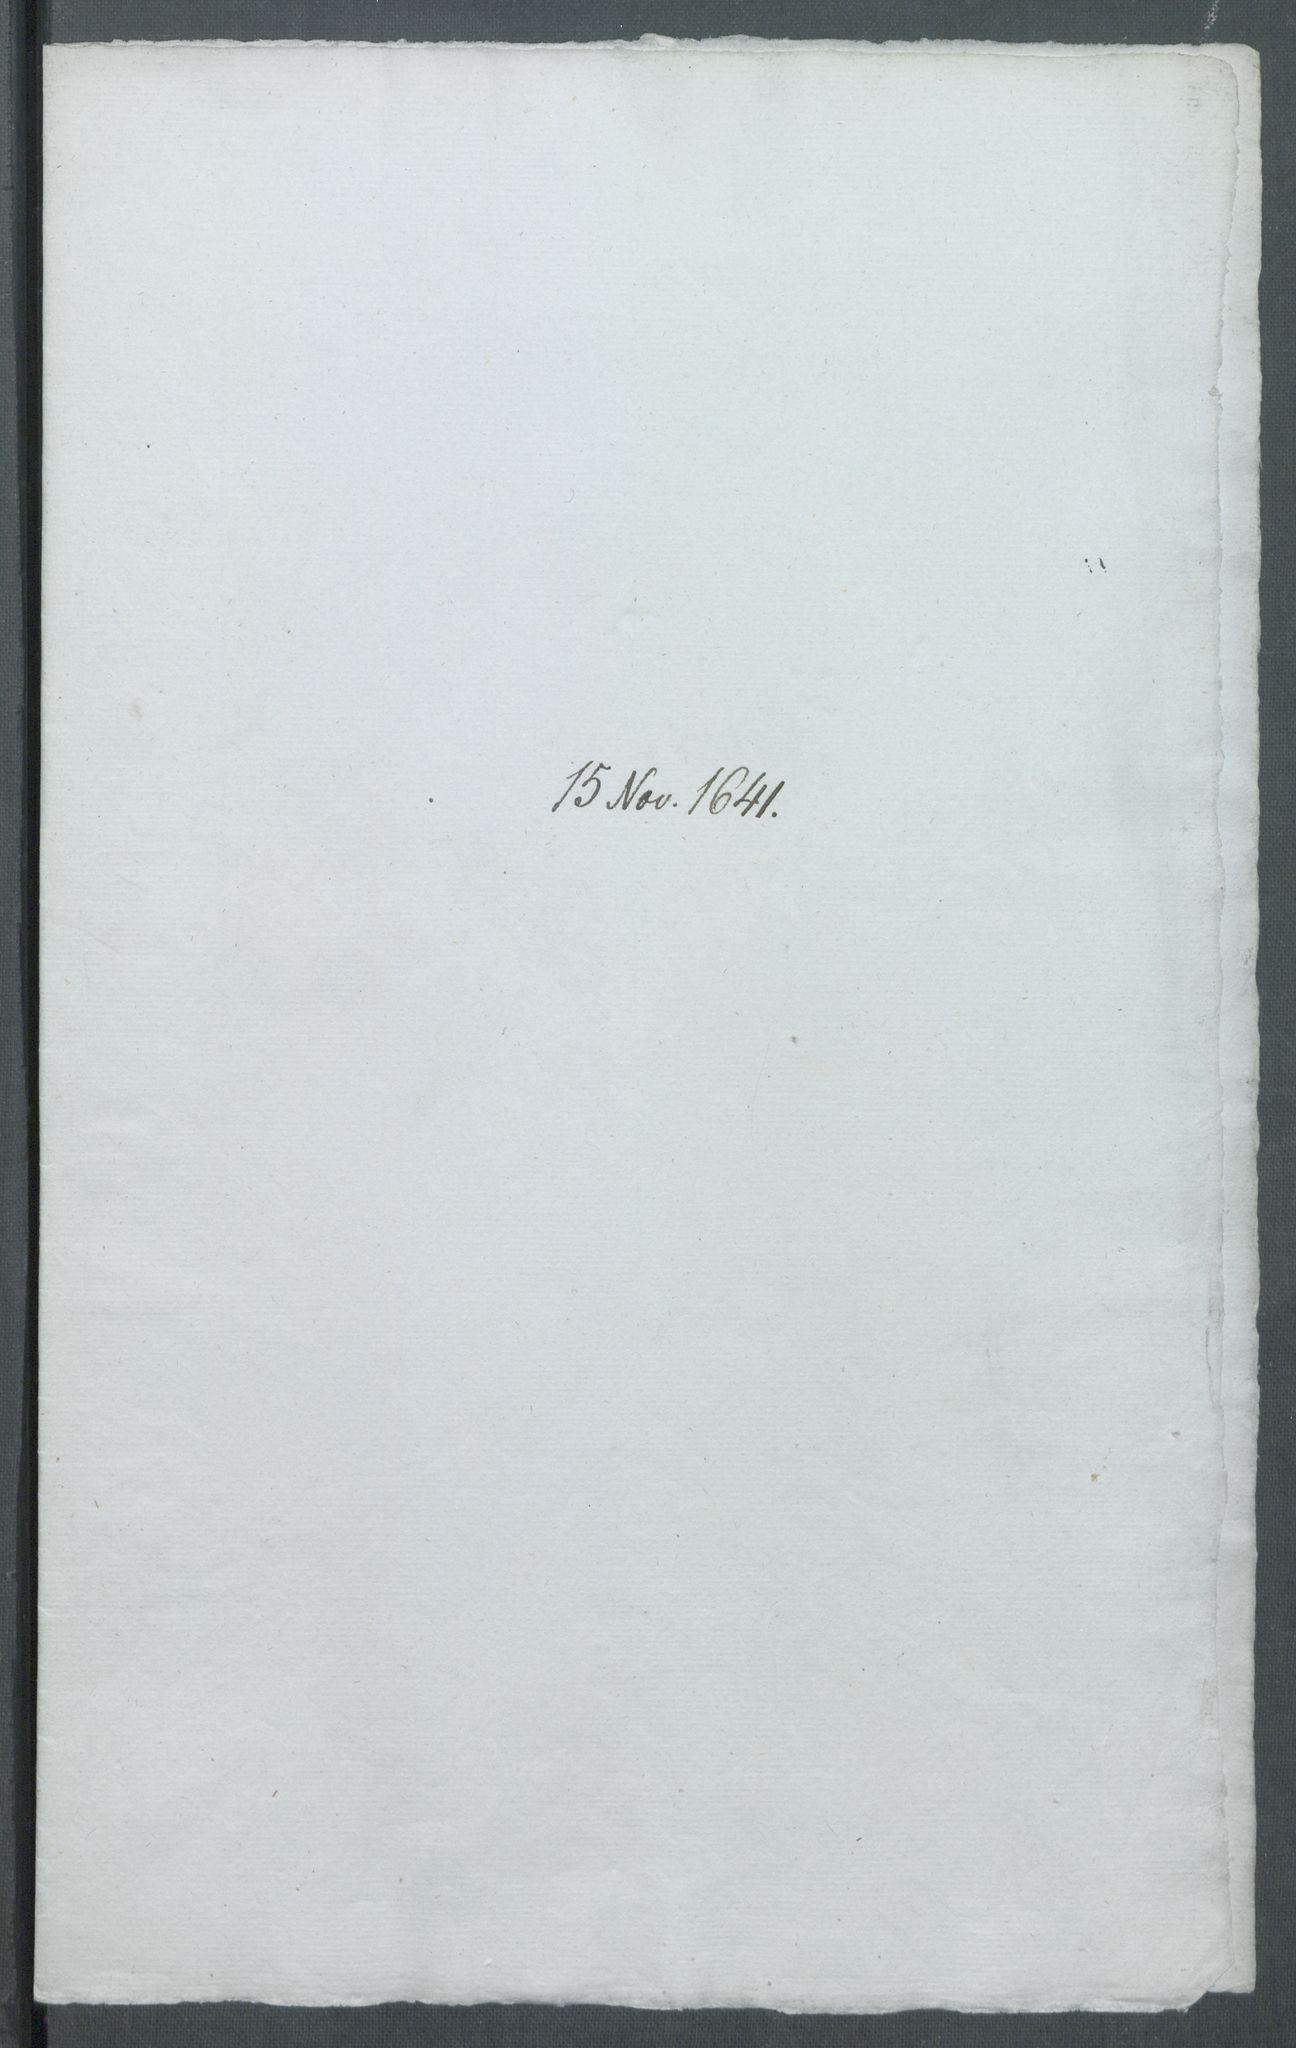 RA, Riksarkivets diplomsamling, F02/L0154: Dokumenter, 1641, s. 60